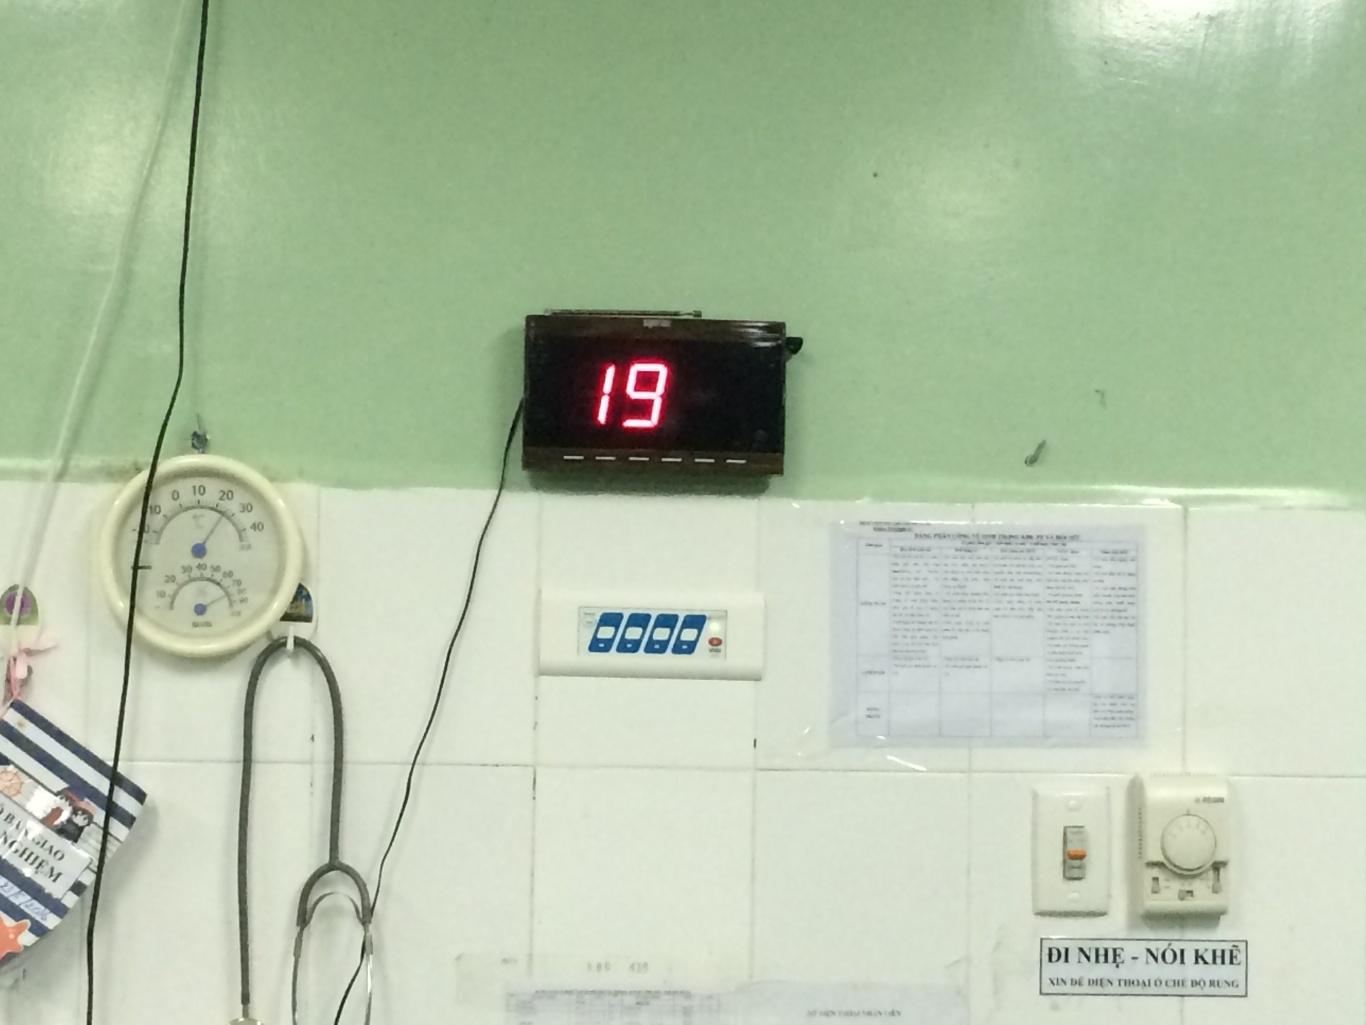 Ecall lắp đặt hệ màn hình hiển thị SR-2003 tại bệnh viện Phụ sản – Nhi Đà Nẵng